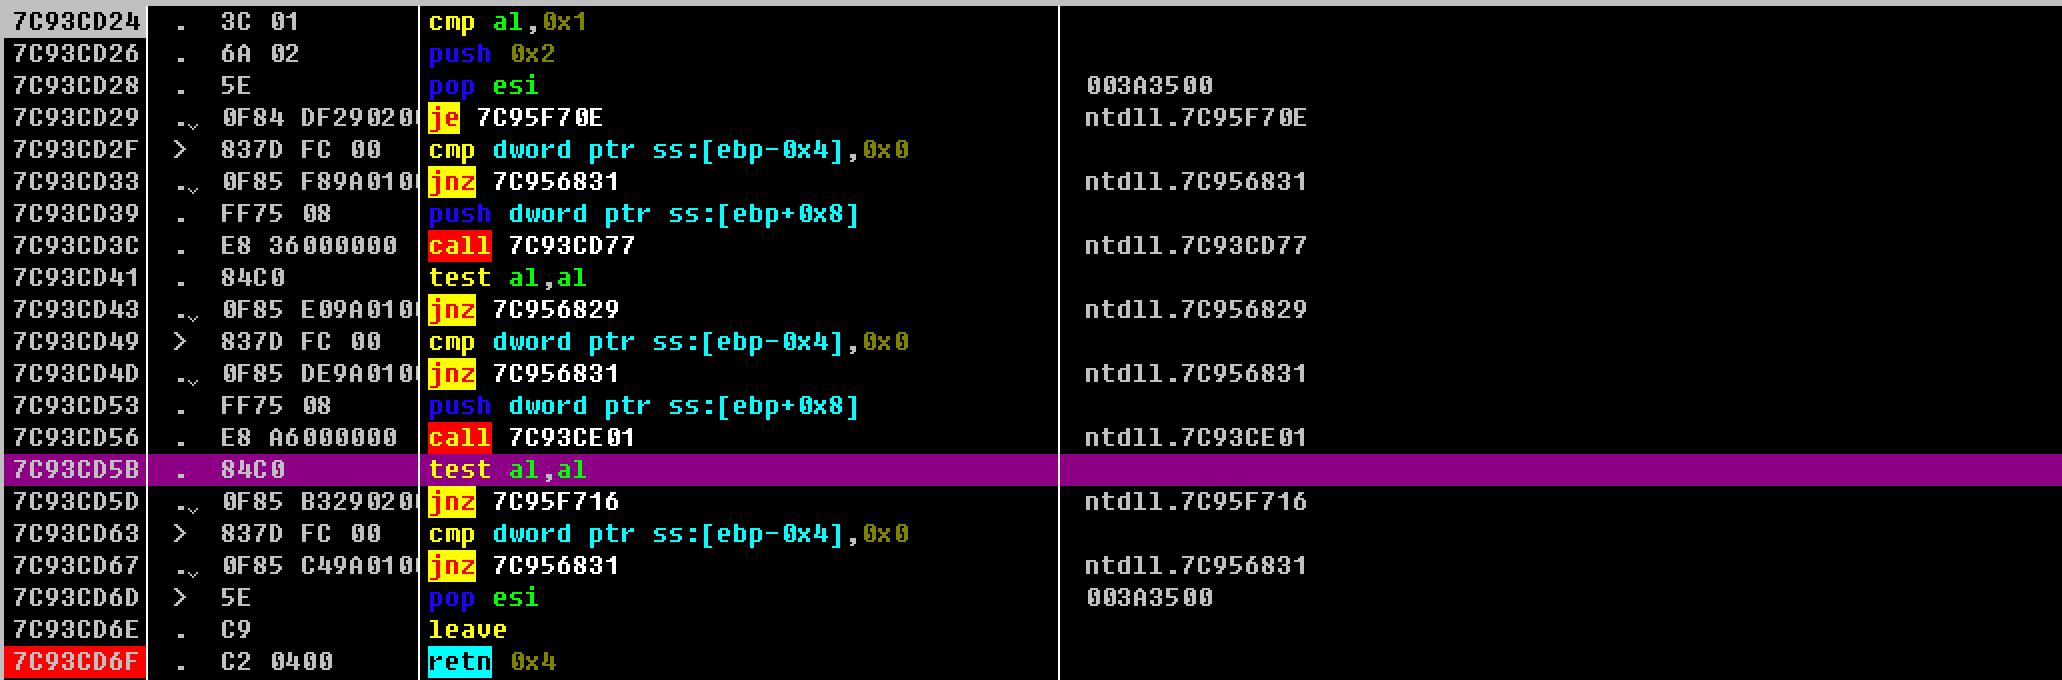 Bildschirmfoto 2018-09-28 um 3.44.02 PM.png